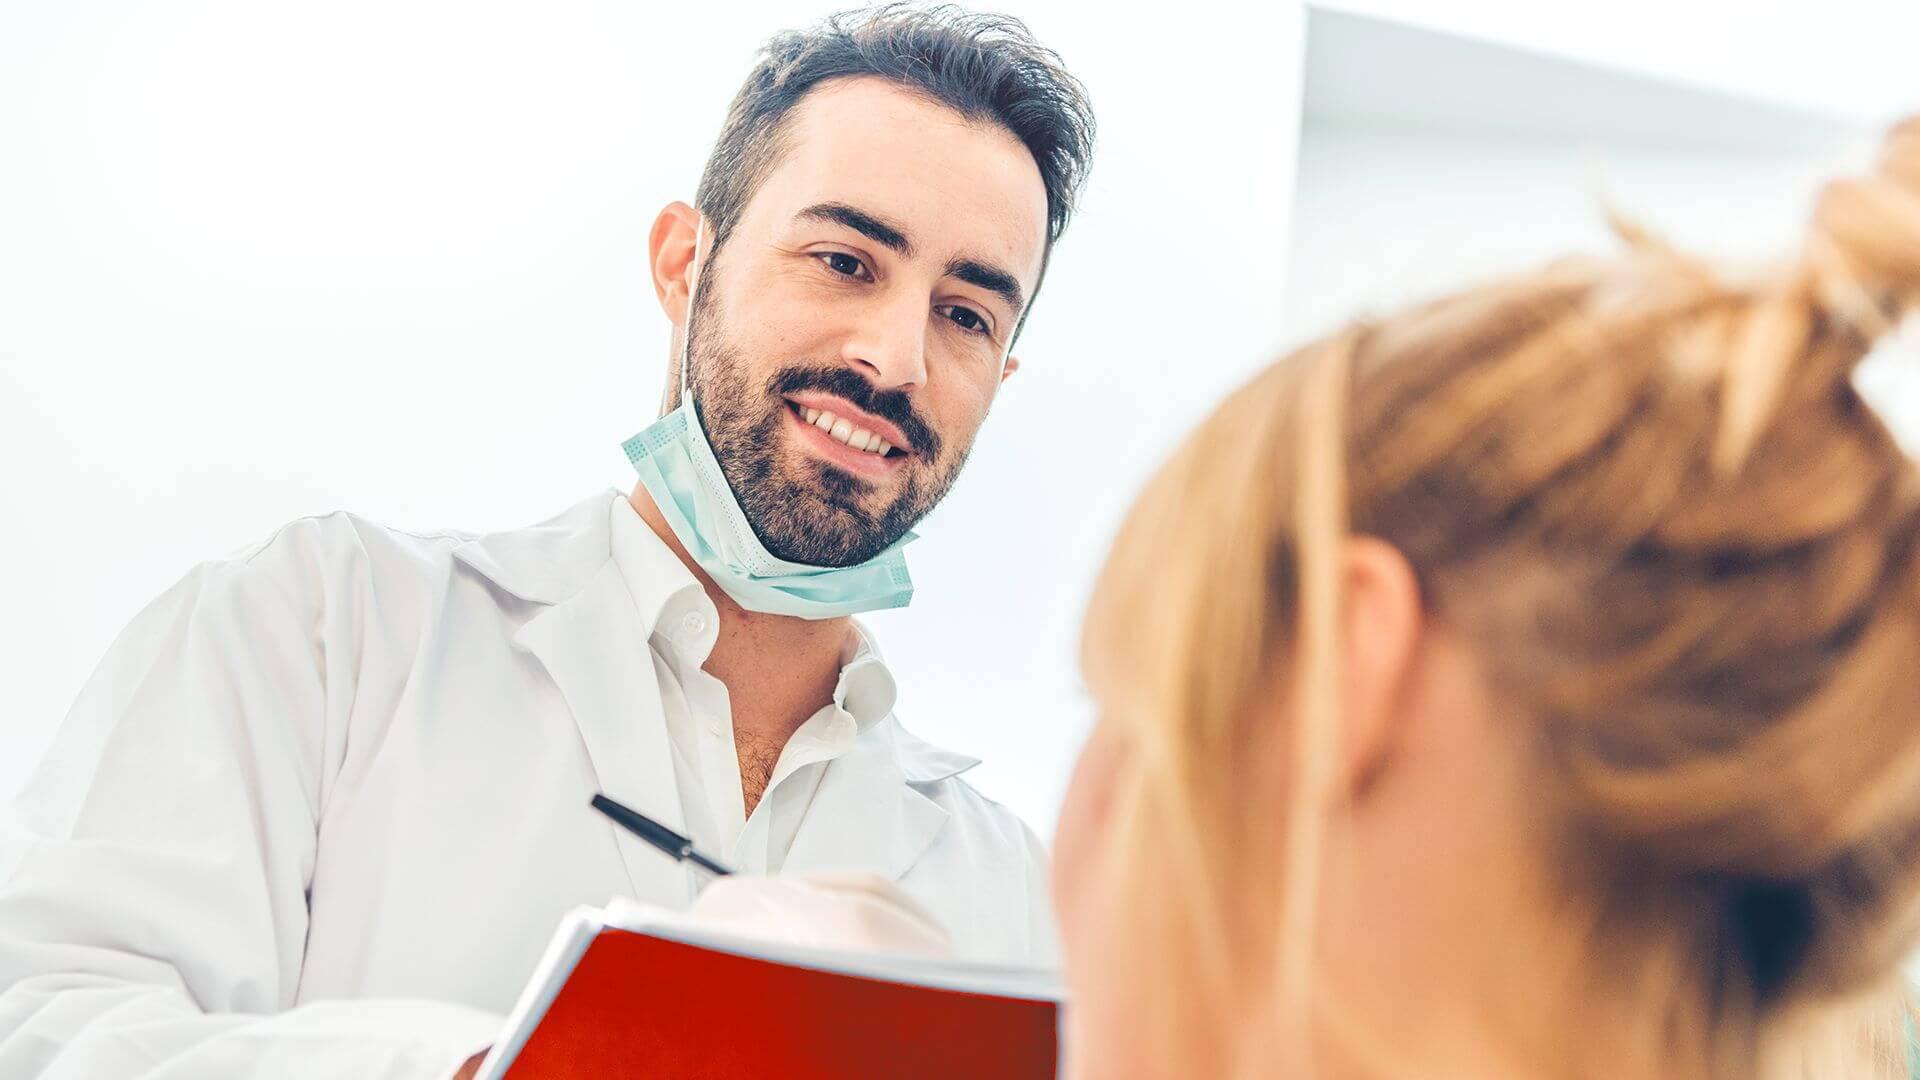 Pacientą dėl kraujuojančių dantenų konsultuojantis odontologas